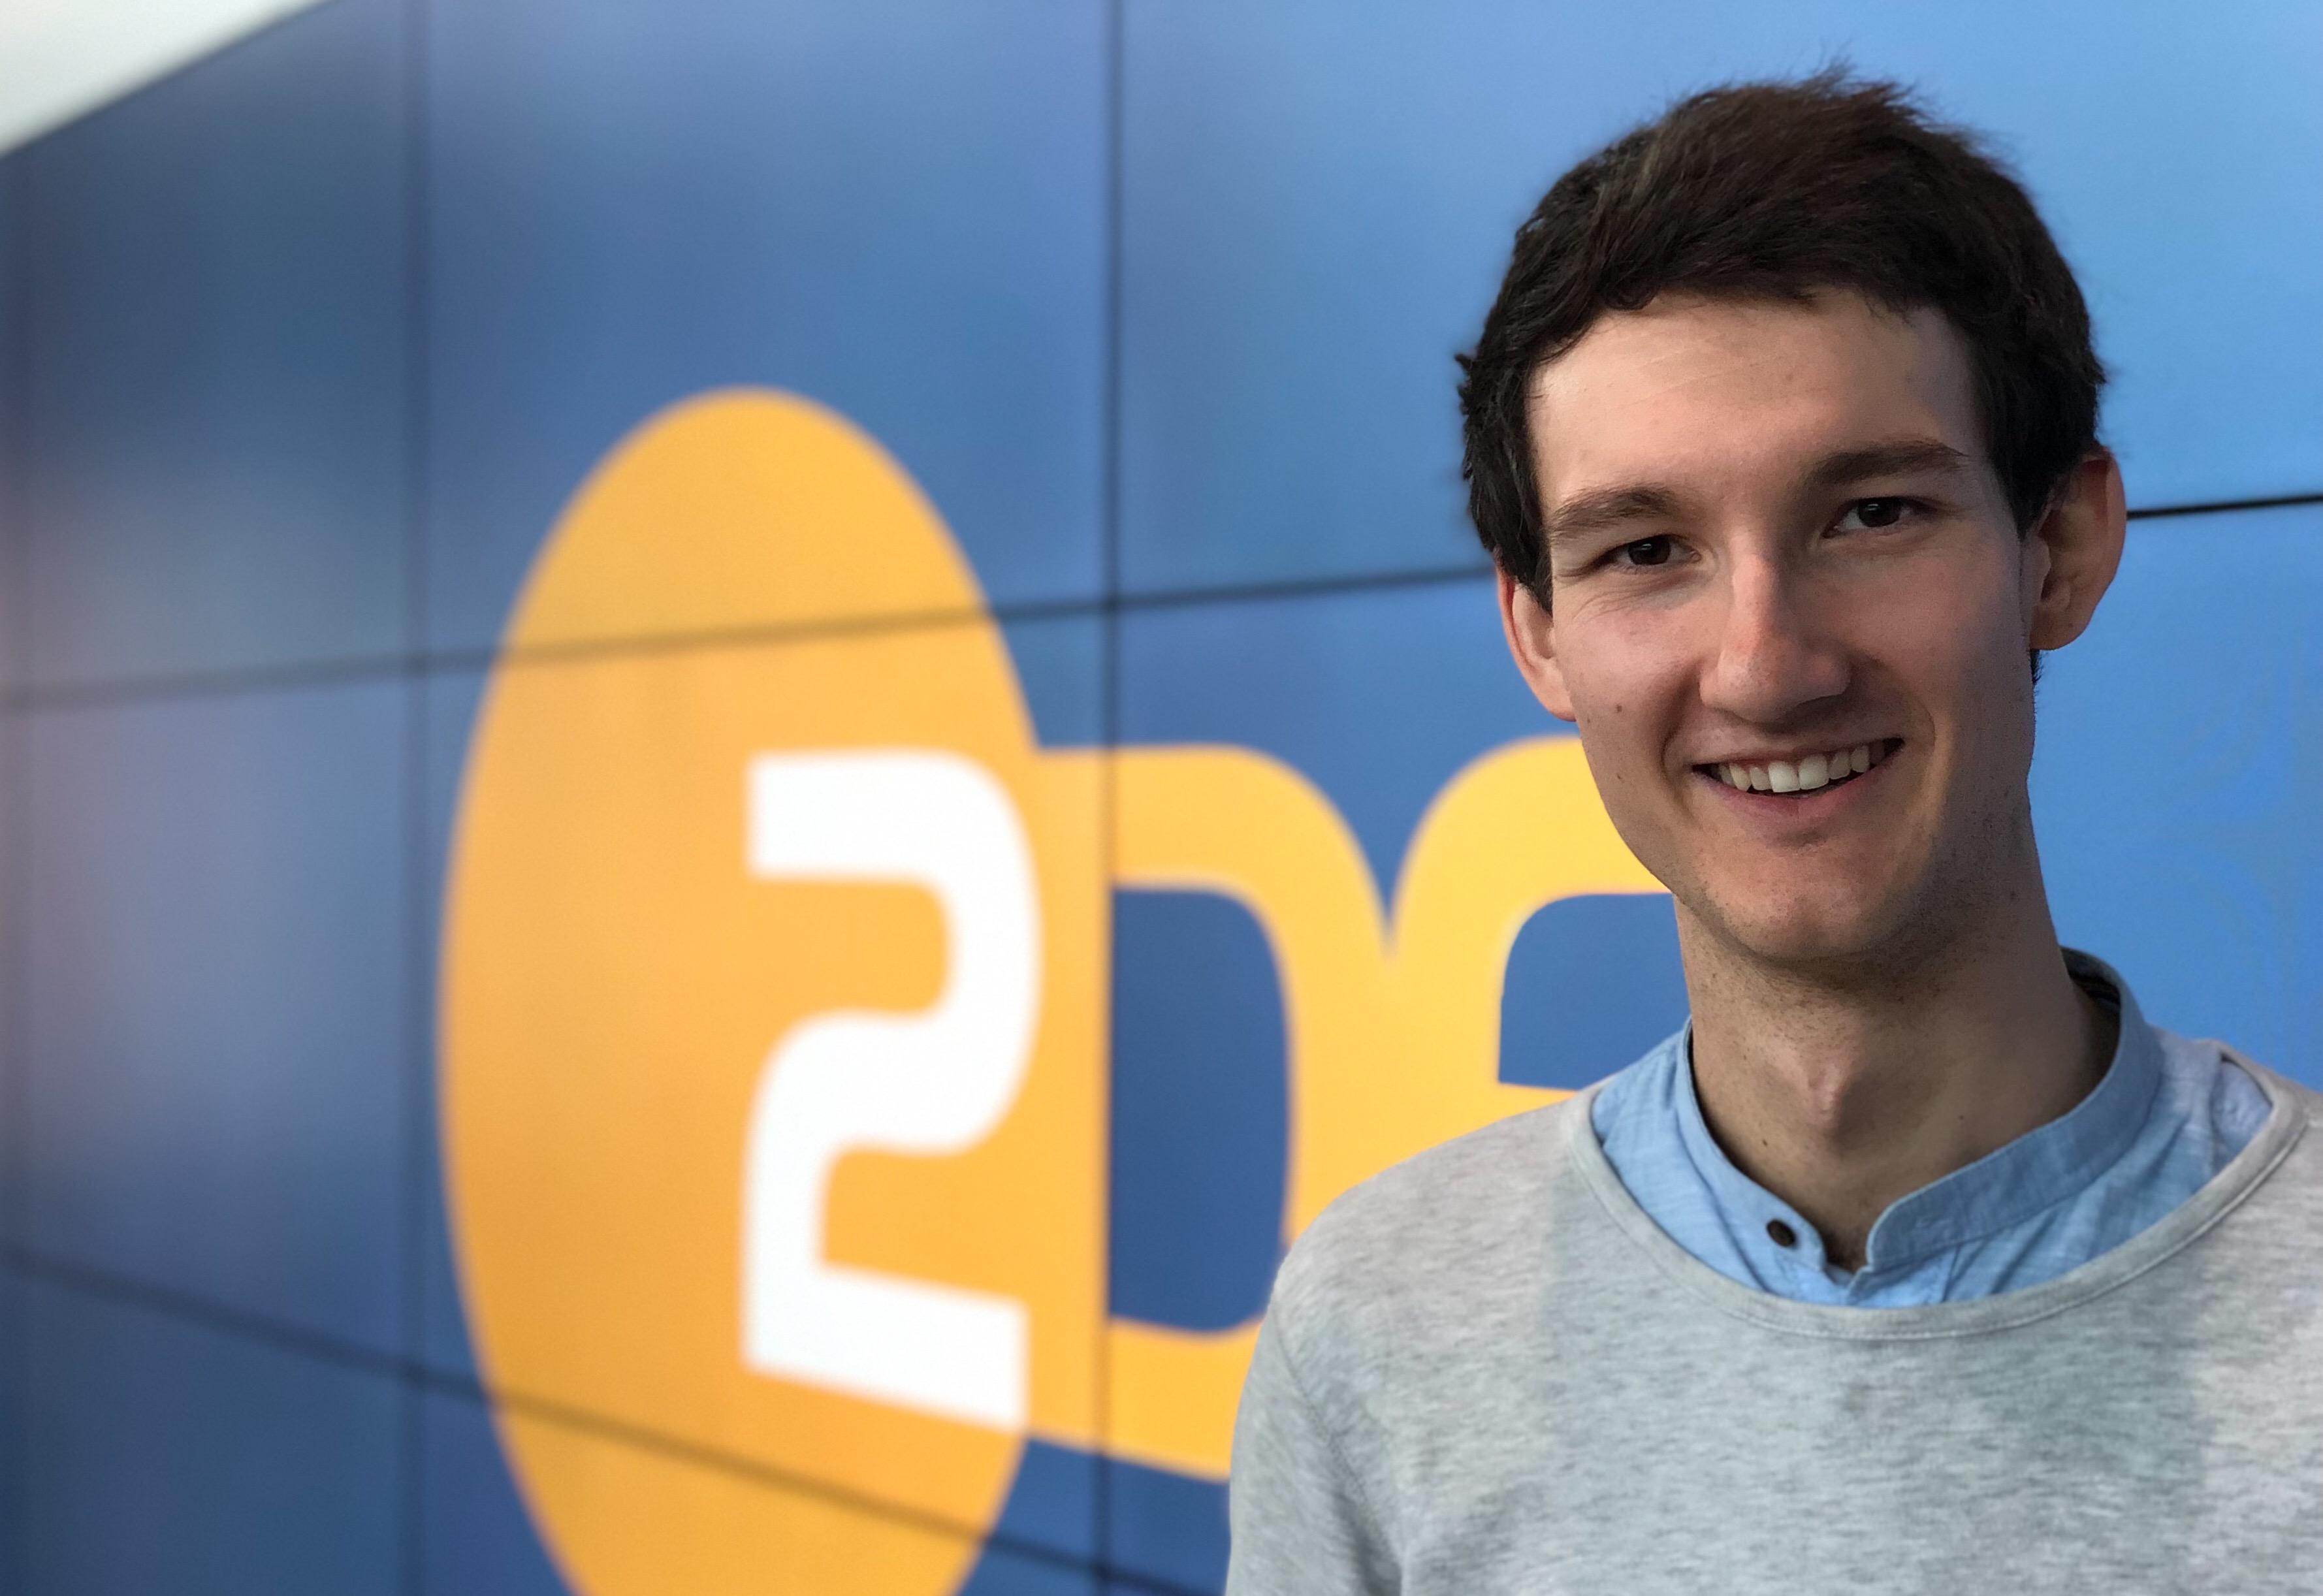 Sprecher Florian Eib vor einer Wand mit dem Logo des ZDF.